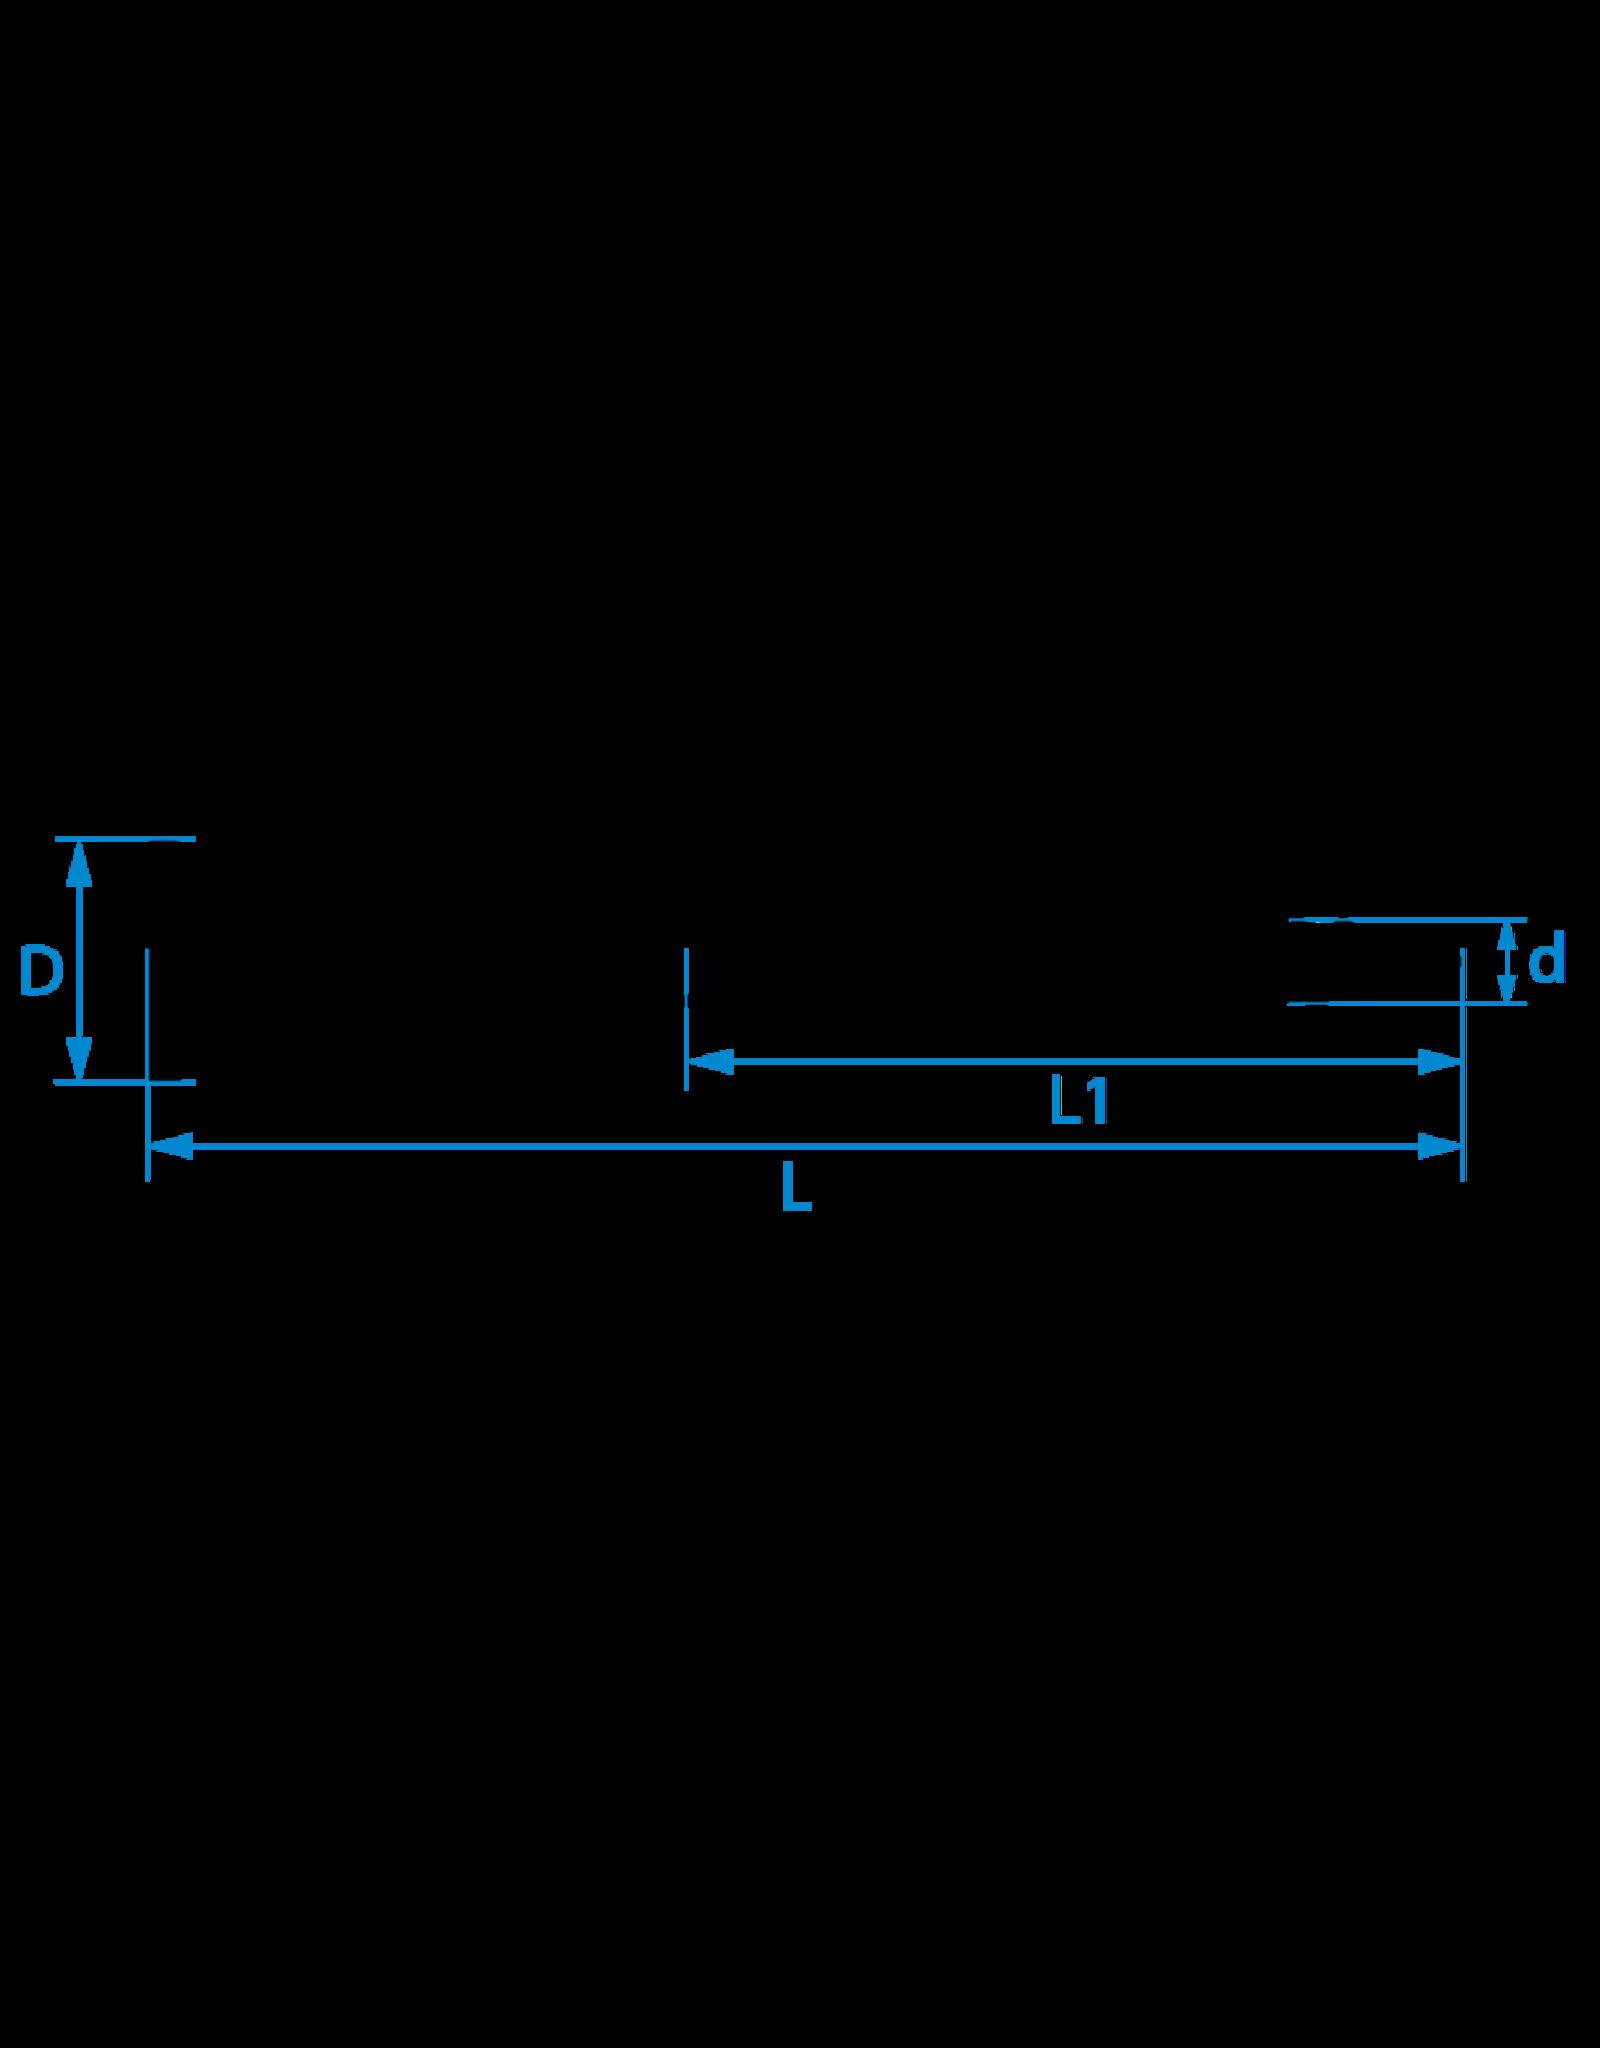 Spaanplaatschroeven platkop deeldraad 5.0x90/54 TX-25 staal gehard verzinkt per 200 stuks